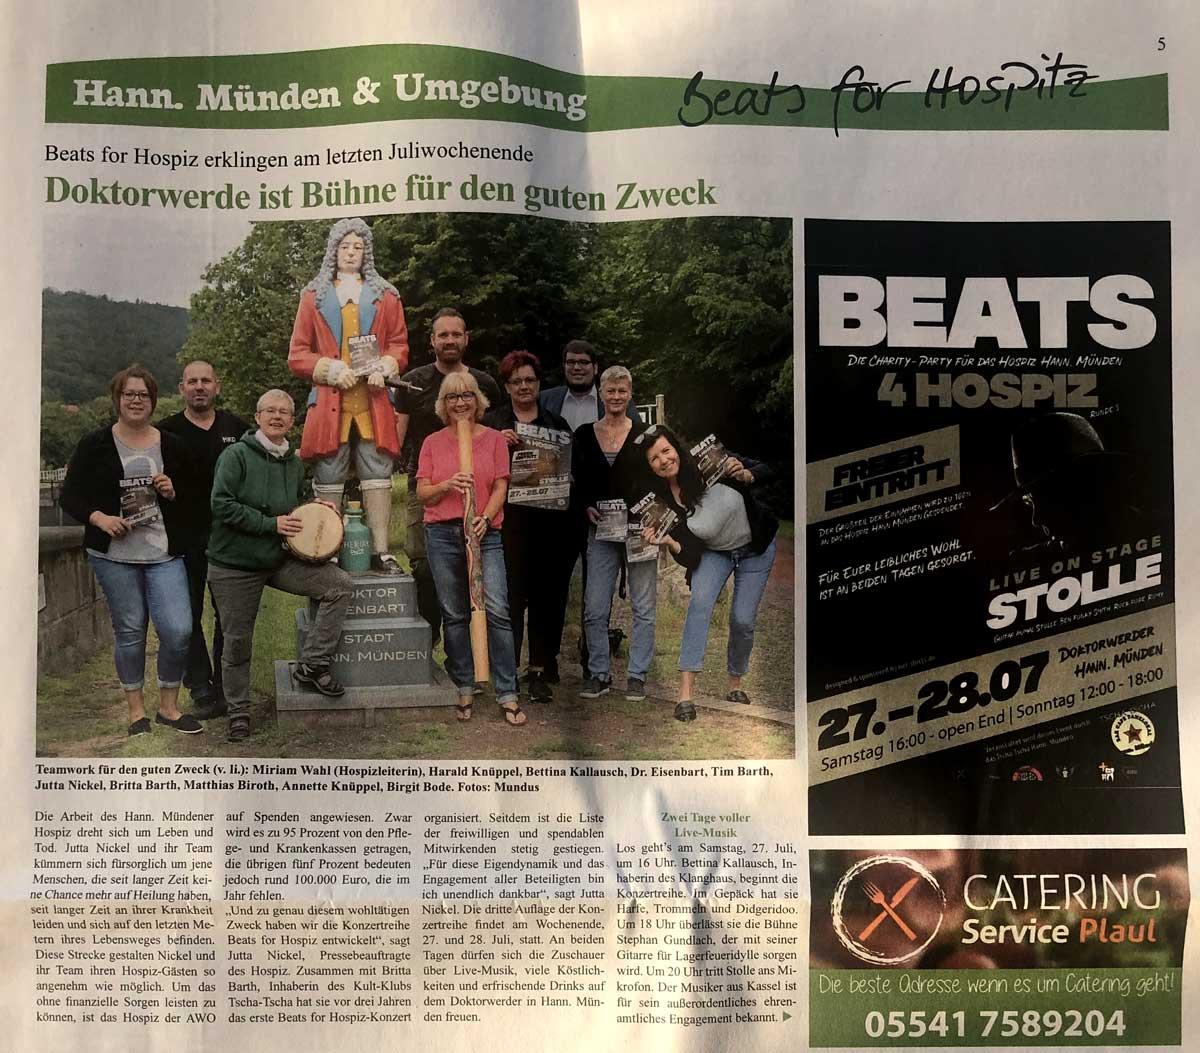 Beats-for-Hospitz-1